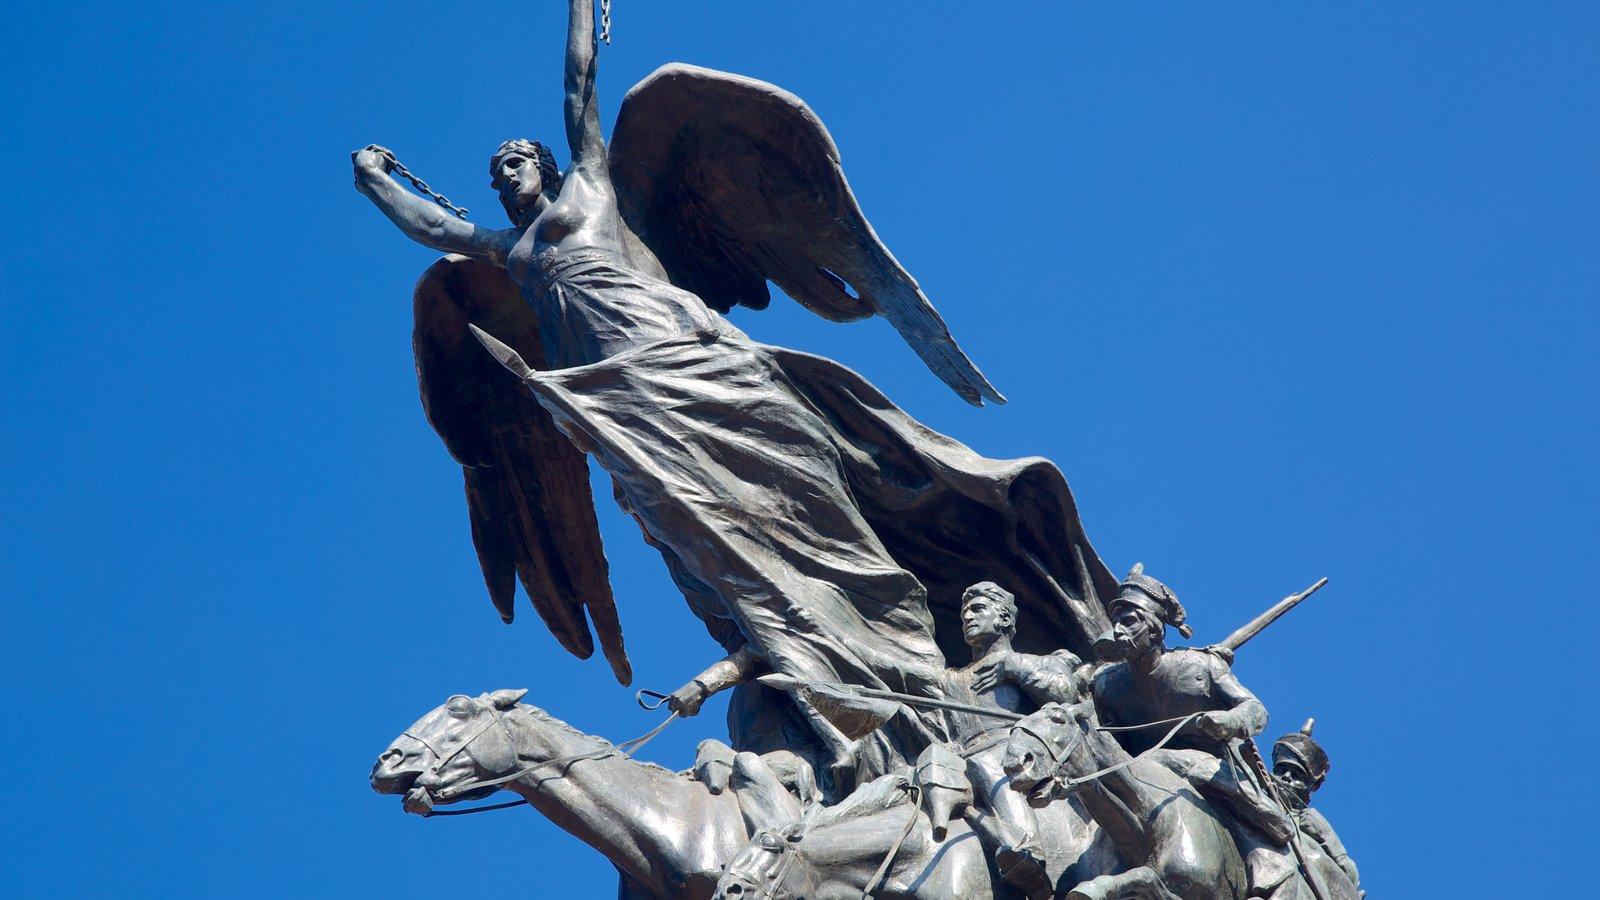 Parque General San Martin caracterizando uma estátua ou escultura